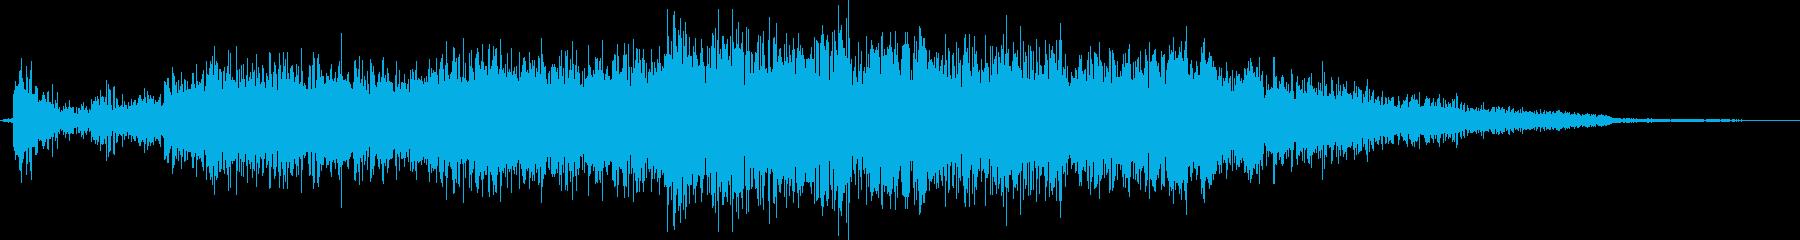 ヒューシューアウトを伴うデジタル障害の再生済みの波形